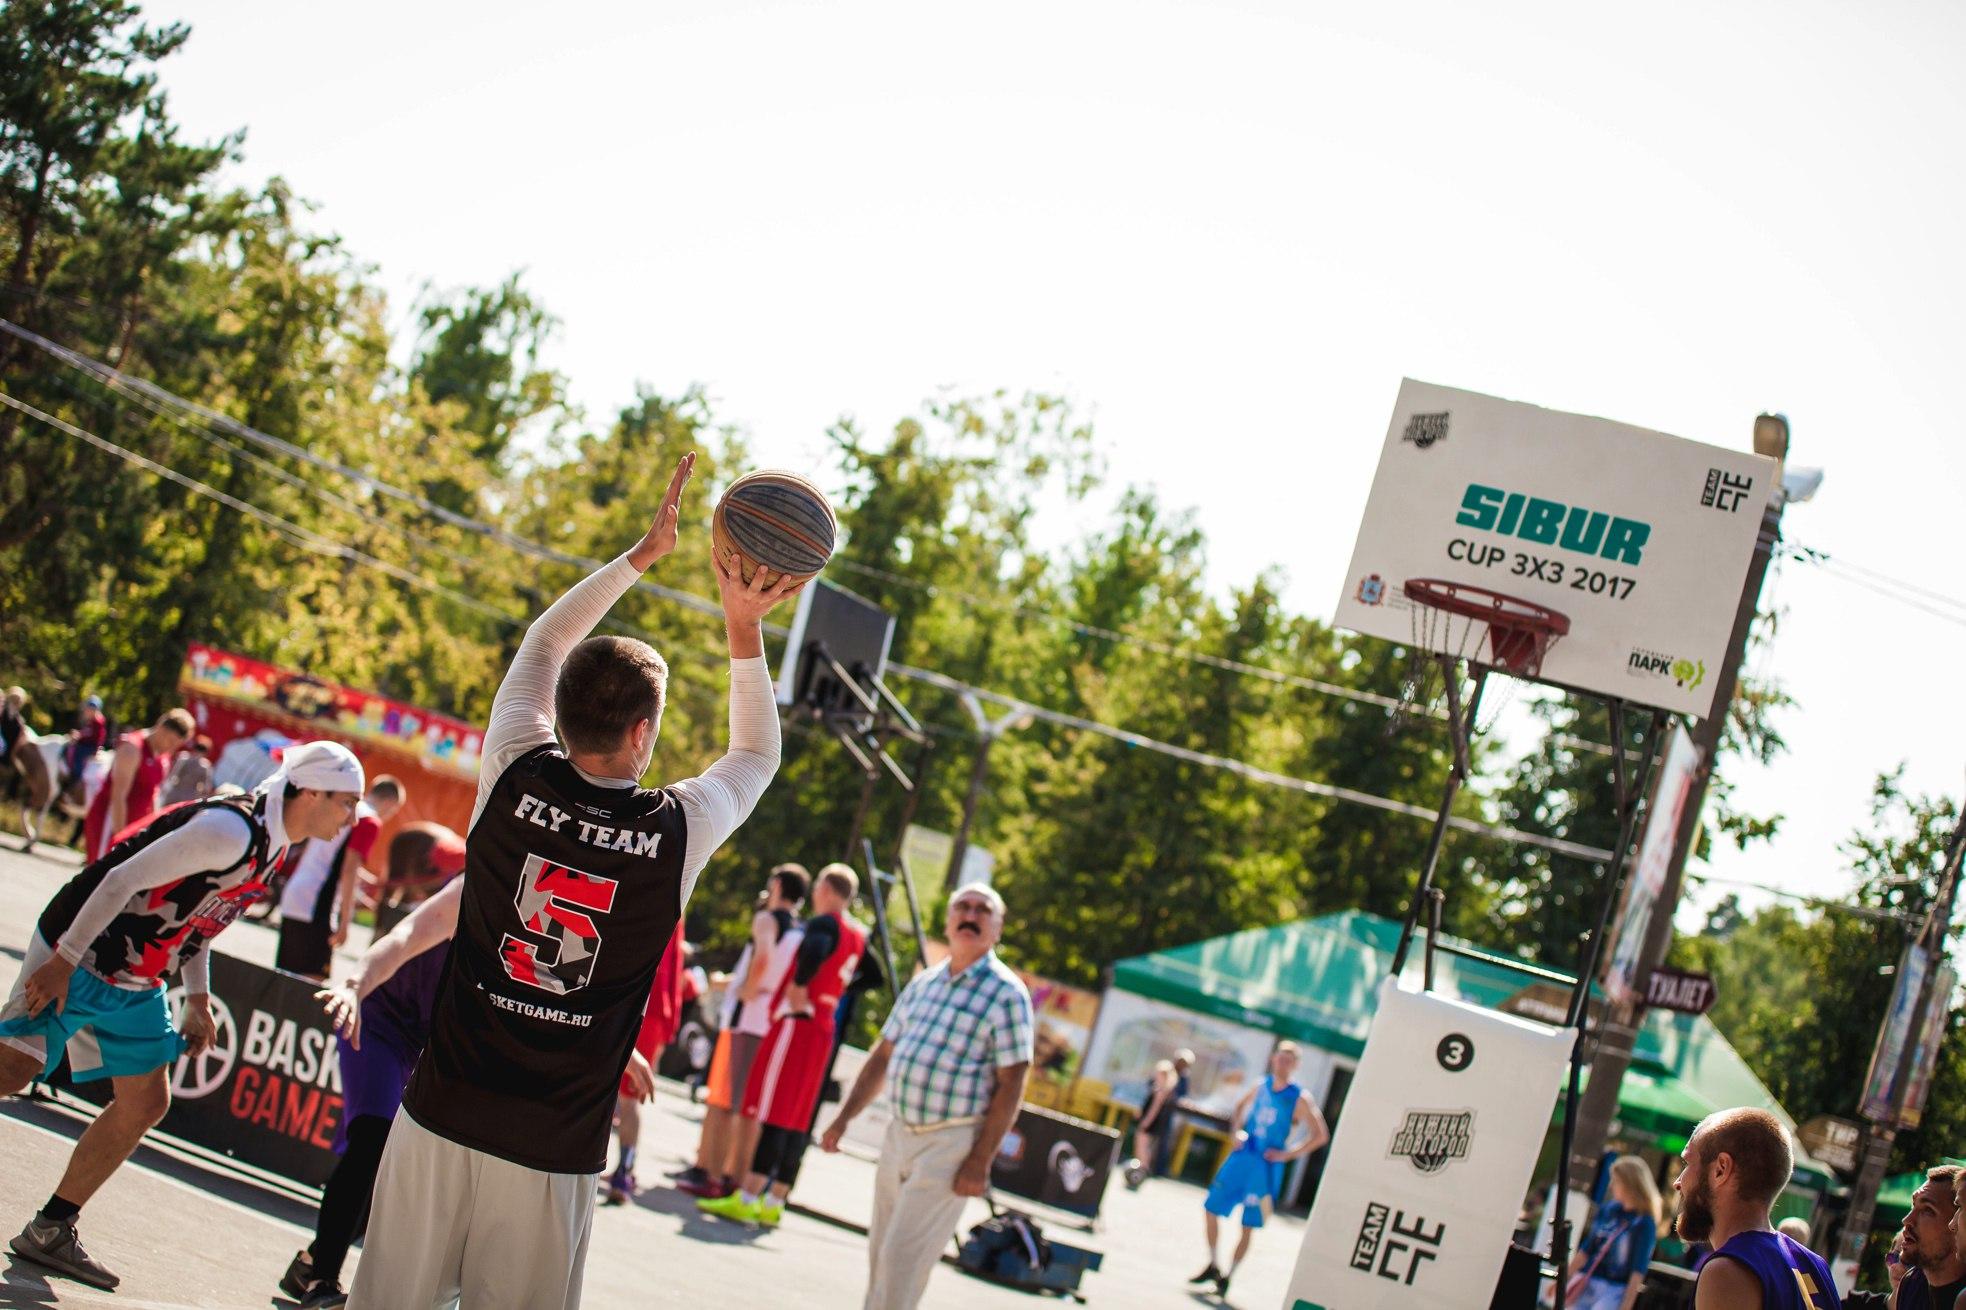 Календарь турниров по баскетболу 3х3 в Нижегородской области 2019